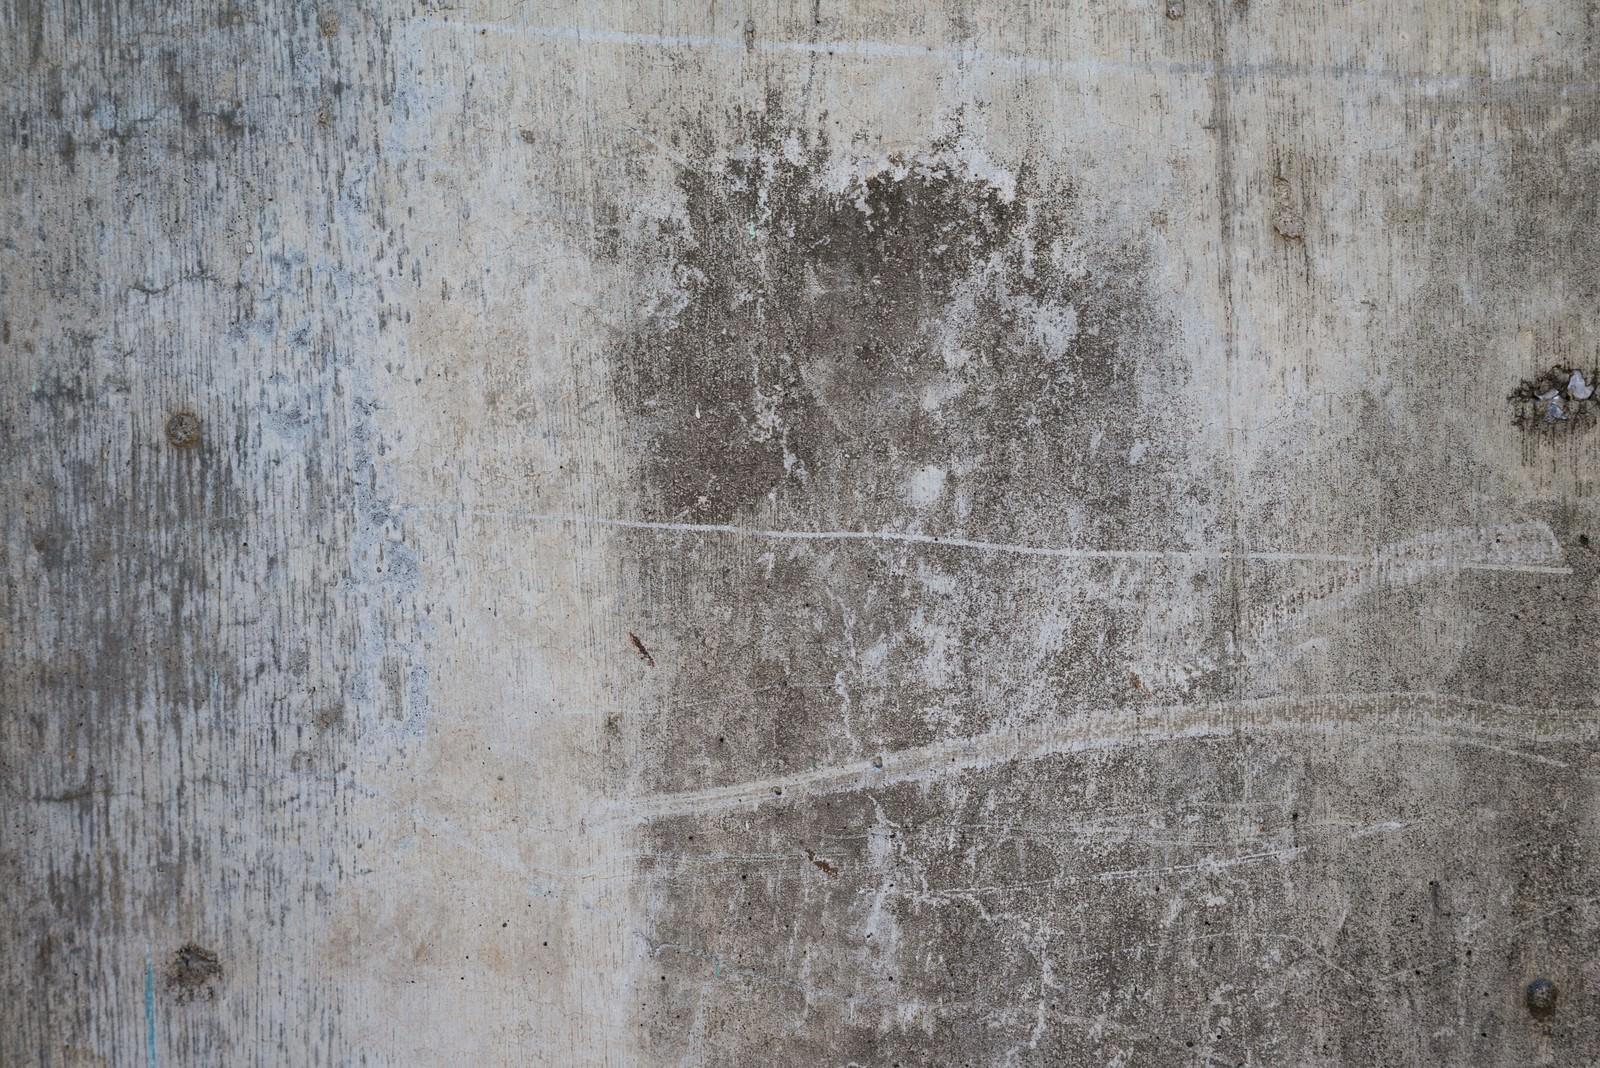 「汚れとシミがついたコンクリートの壁」の写真